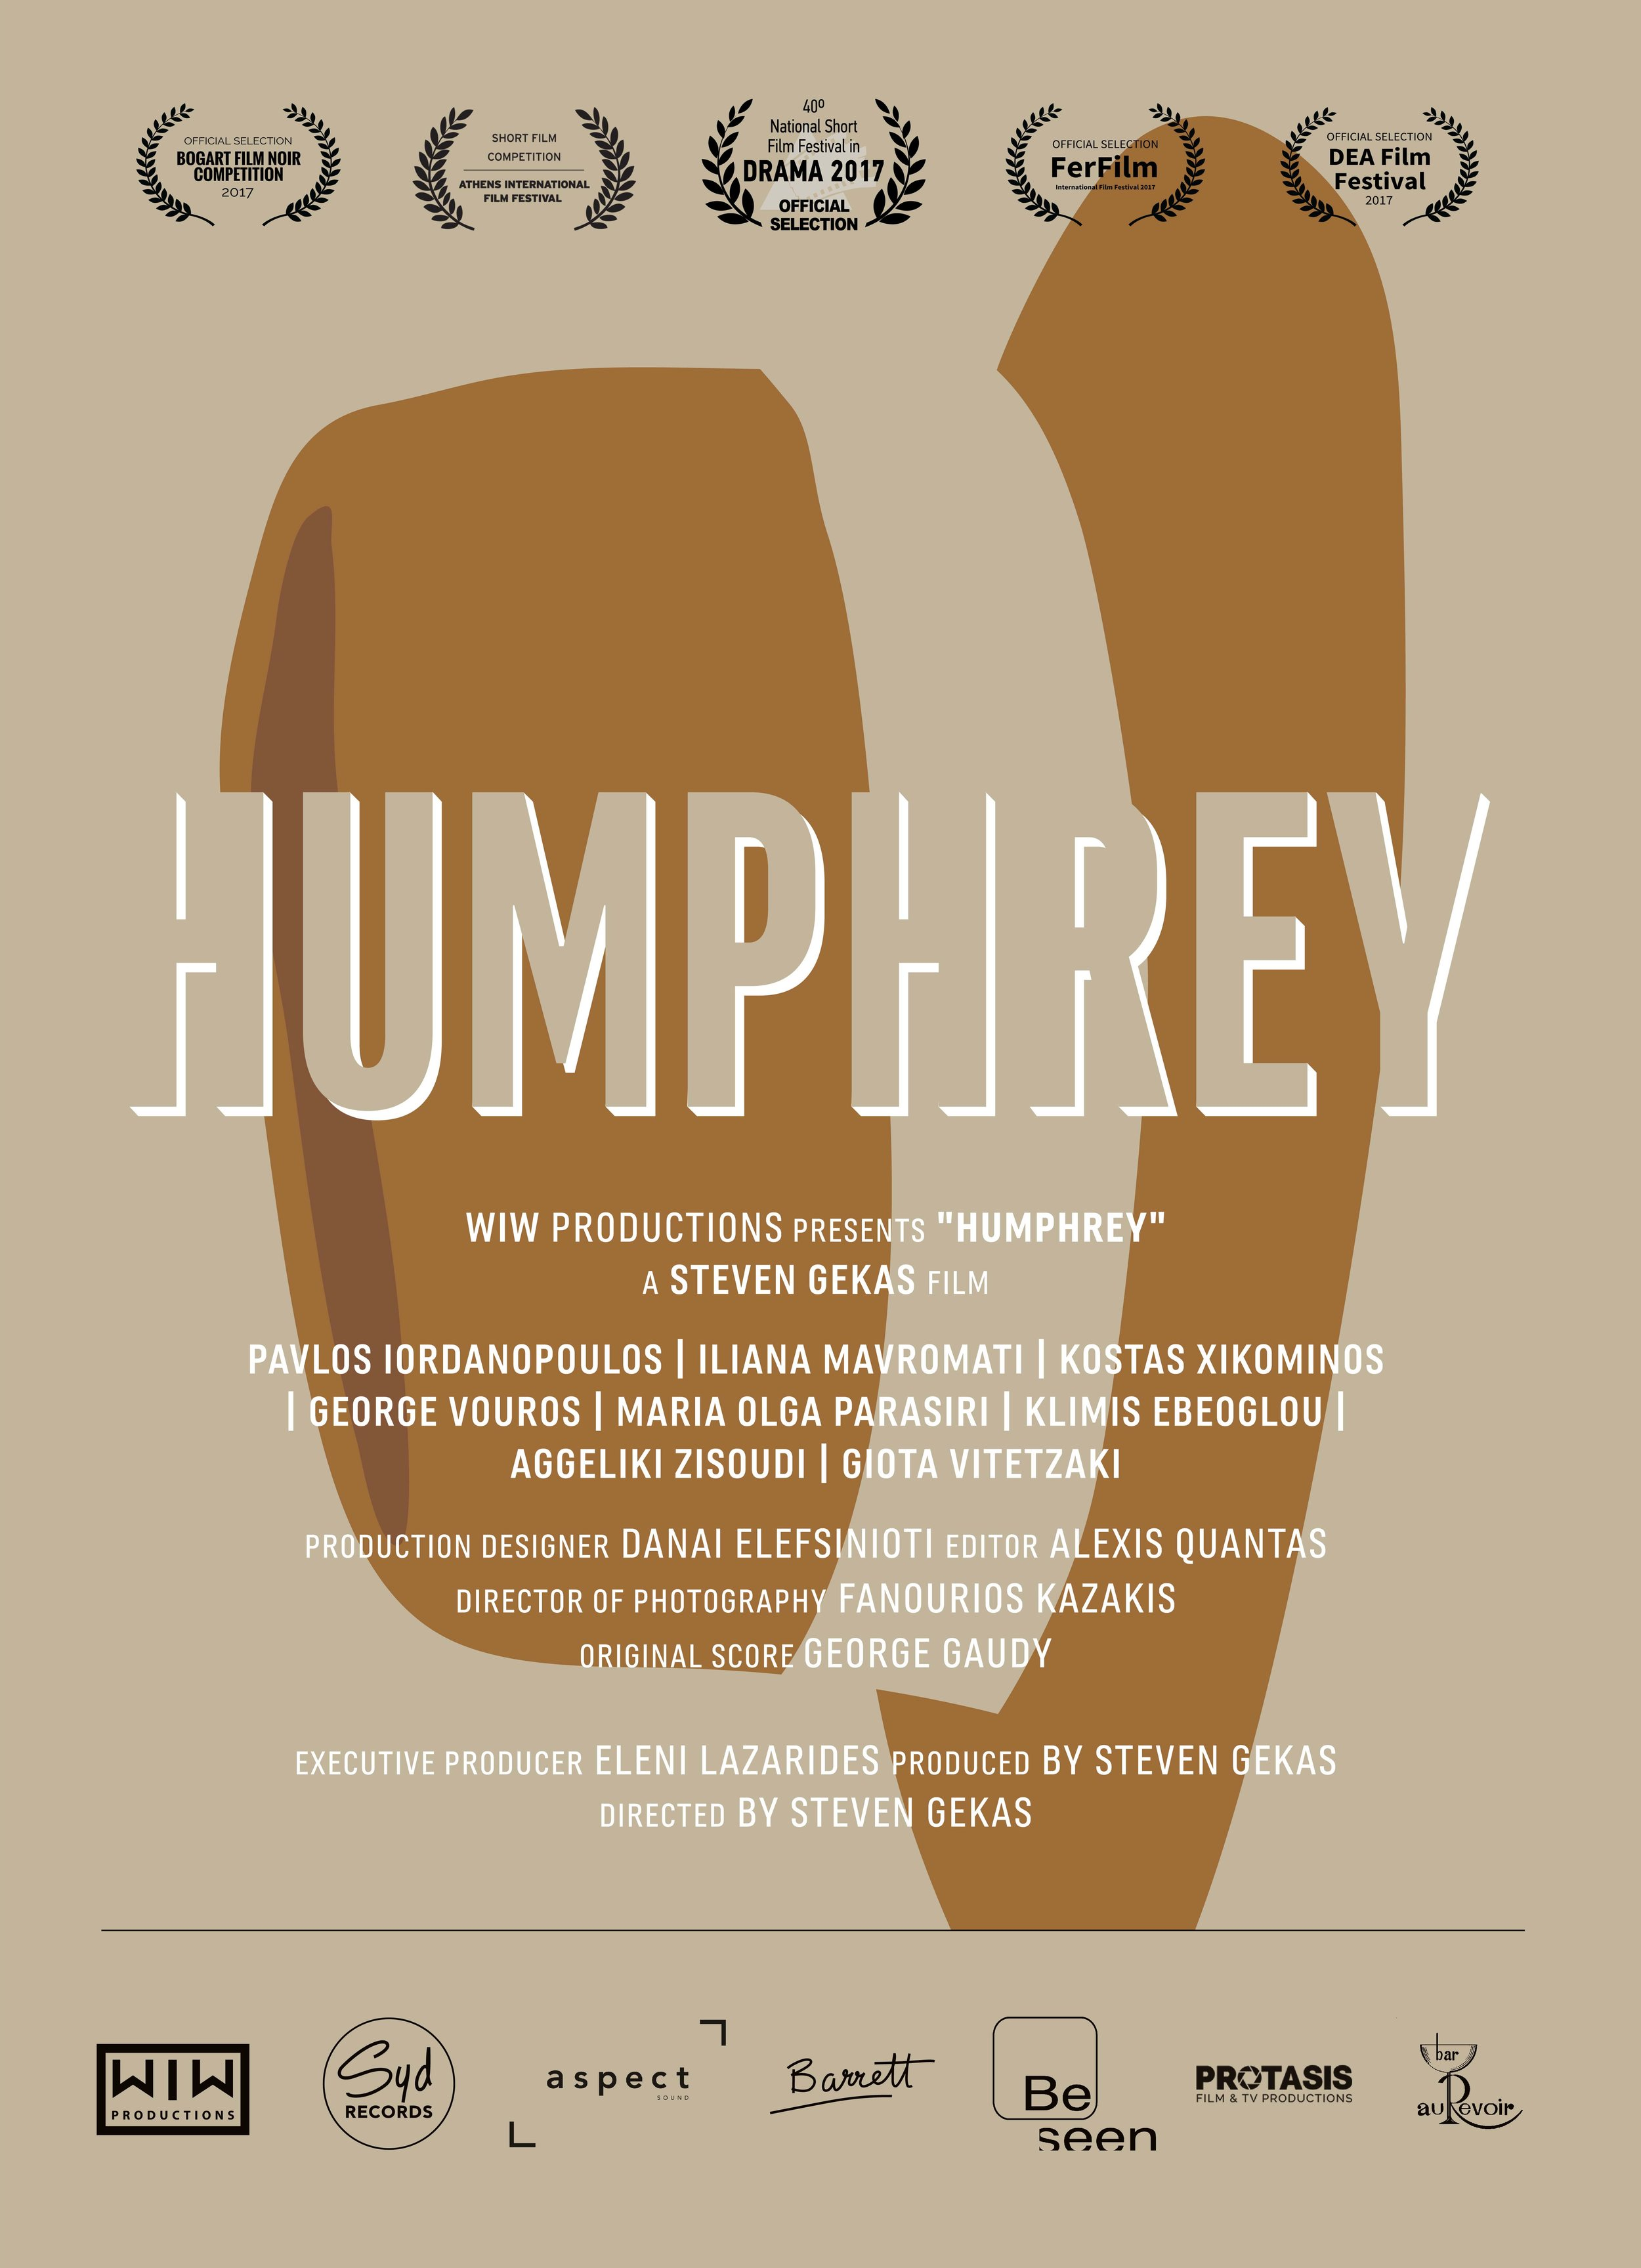 Humphrey official internet_01.jpg